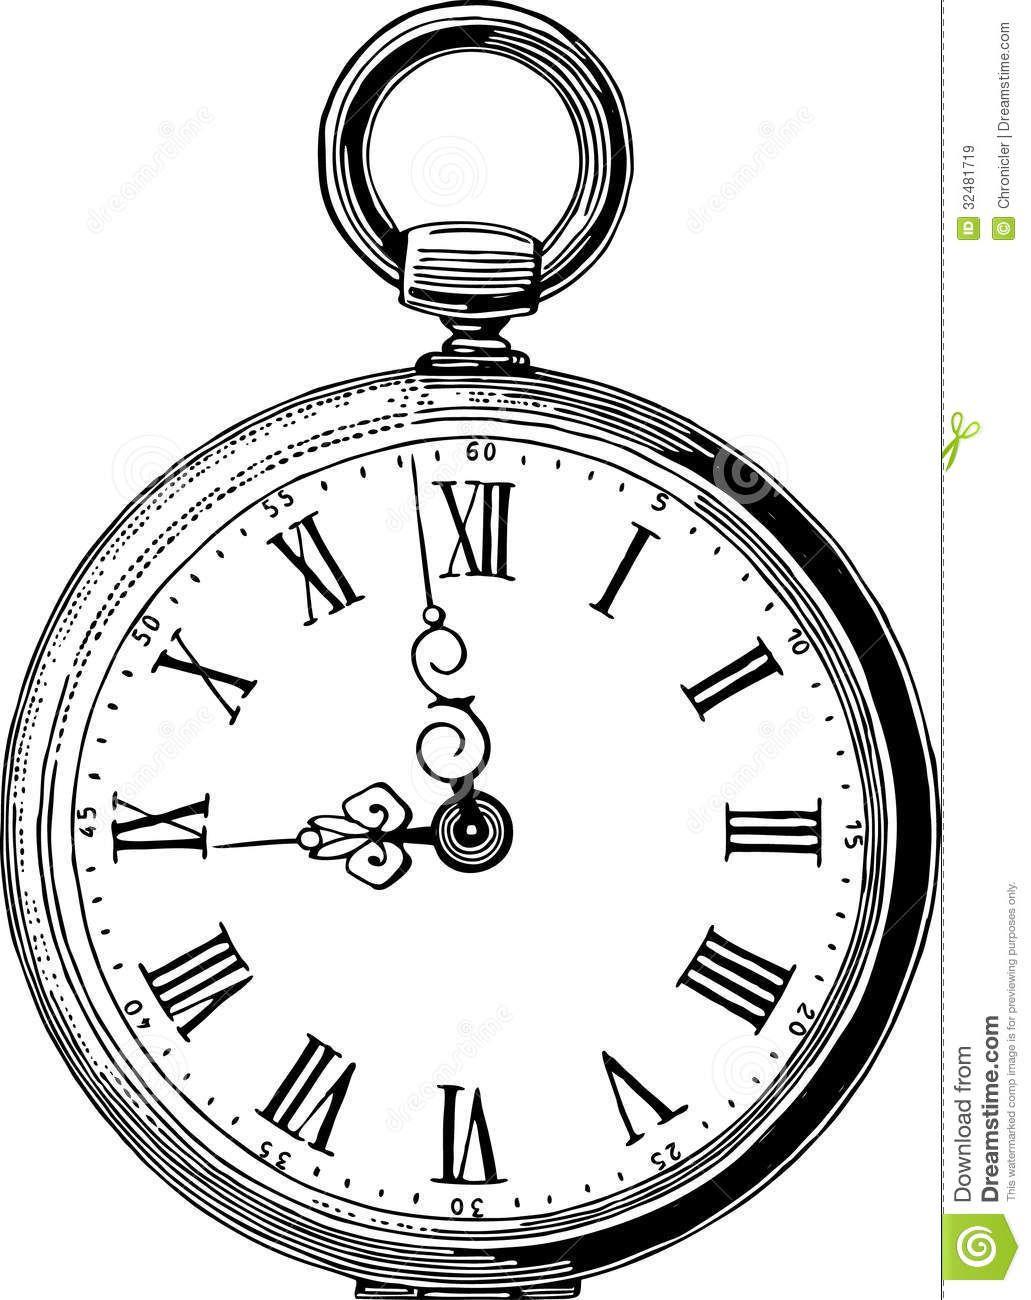 Top Antike Taschenuhr Lizenzfreie Stockbilder Black White Images For Pinterest Tatuajes De Relojes Antiguos Tatuajes De Relojes Tatuaje Reloj De Bolsillo